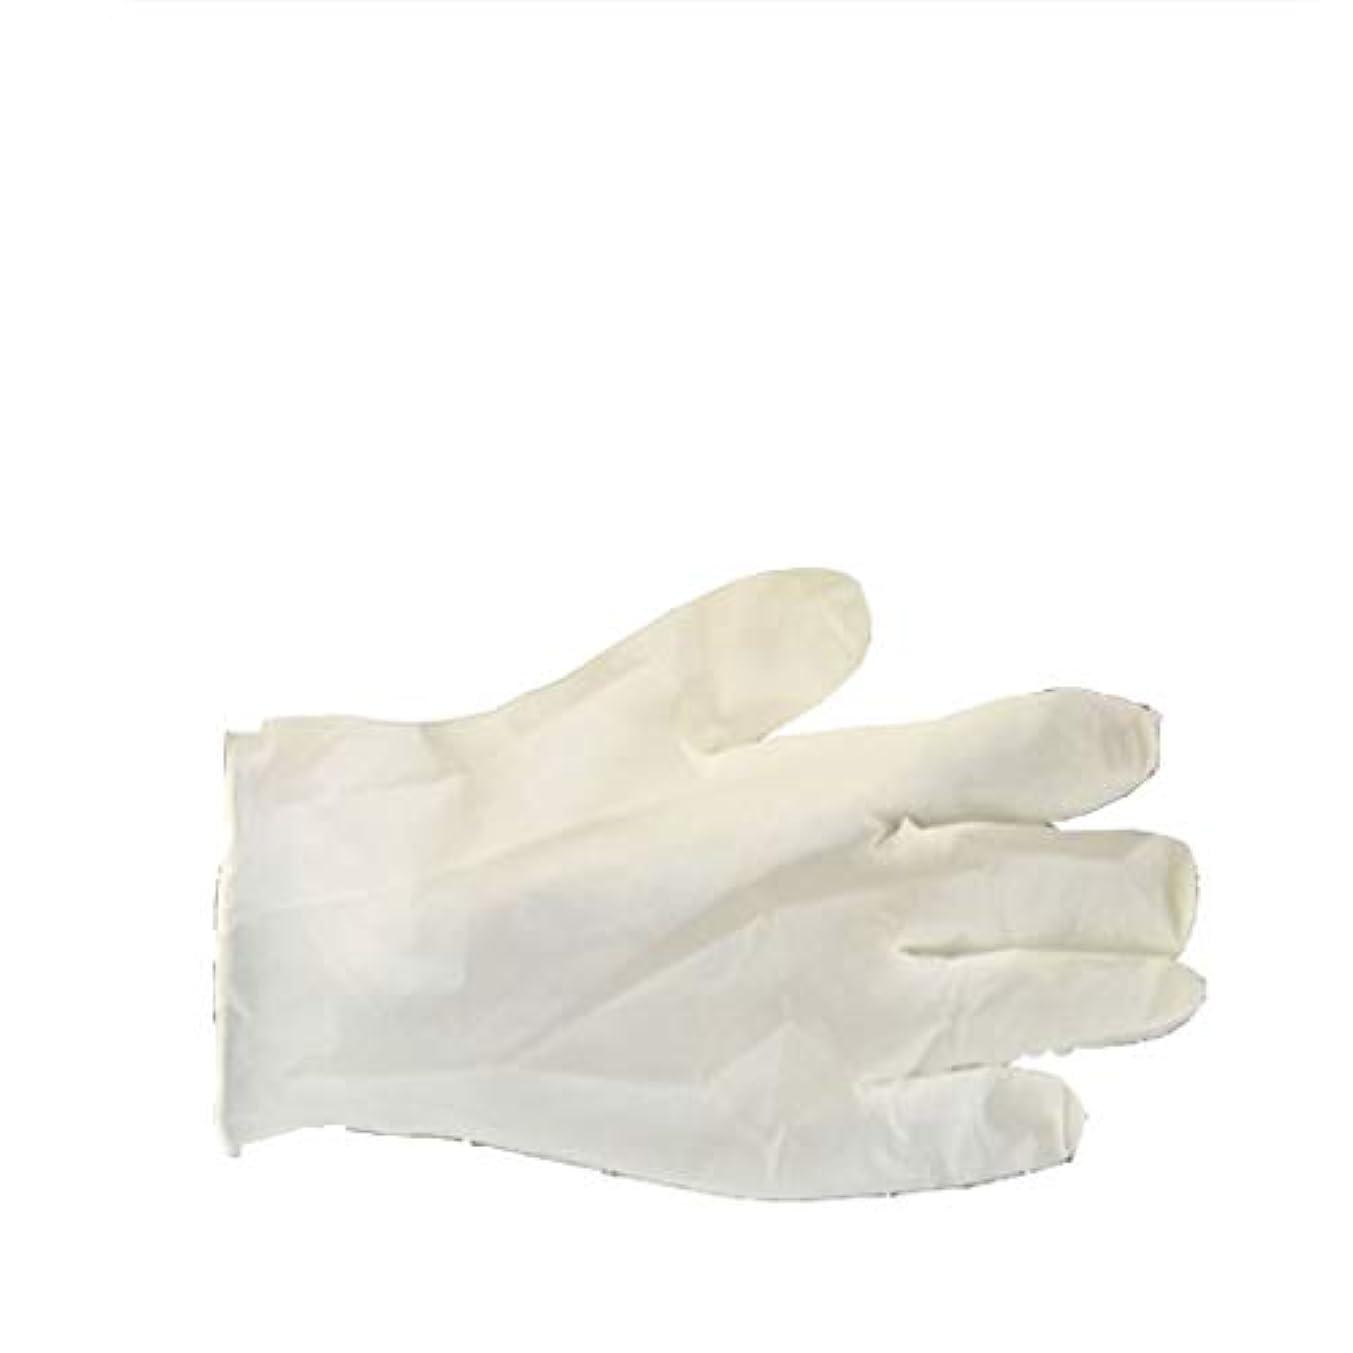 くつろぎ意見展望台手袋、使い捨てゴムラテックス、滅菌ゴム手袋、個別に包装された手袋1000。